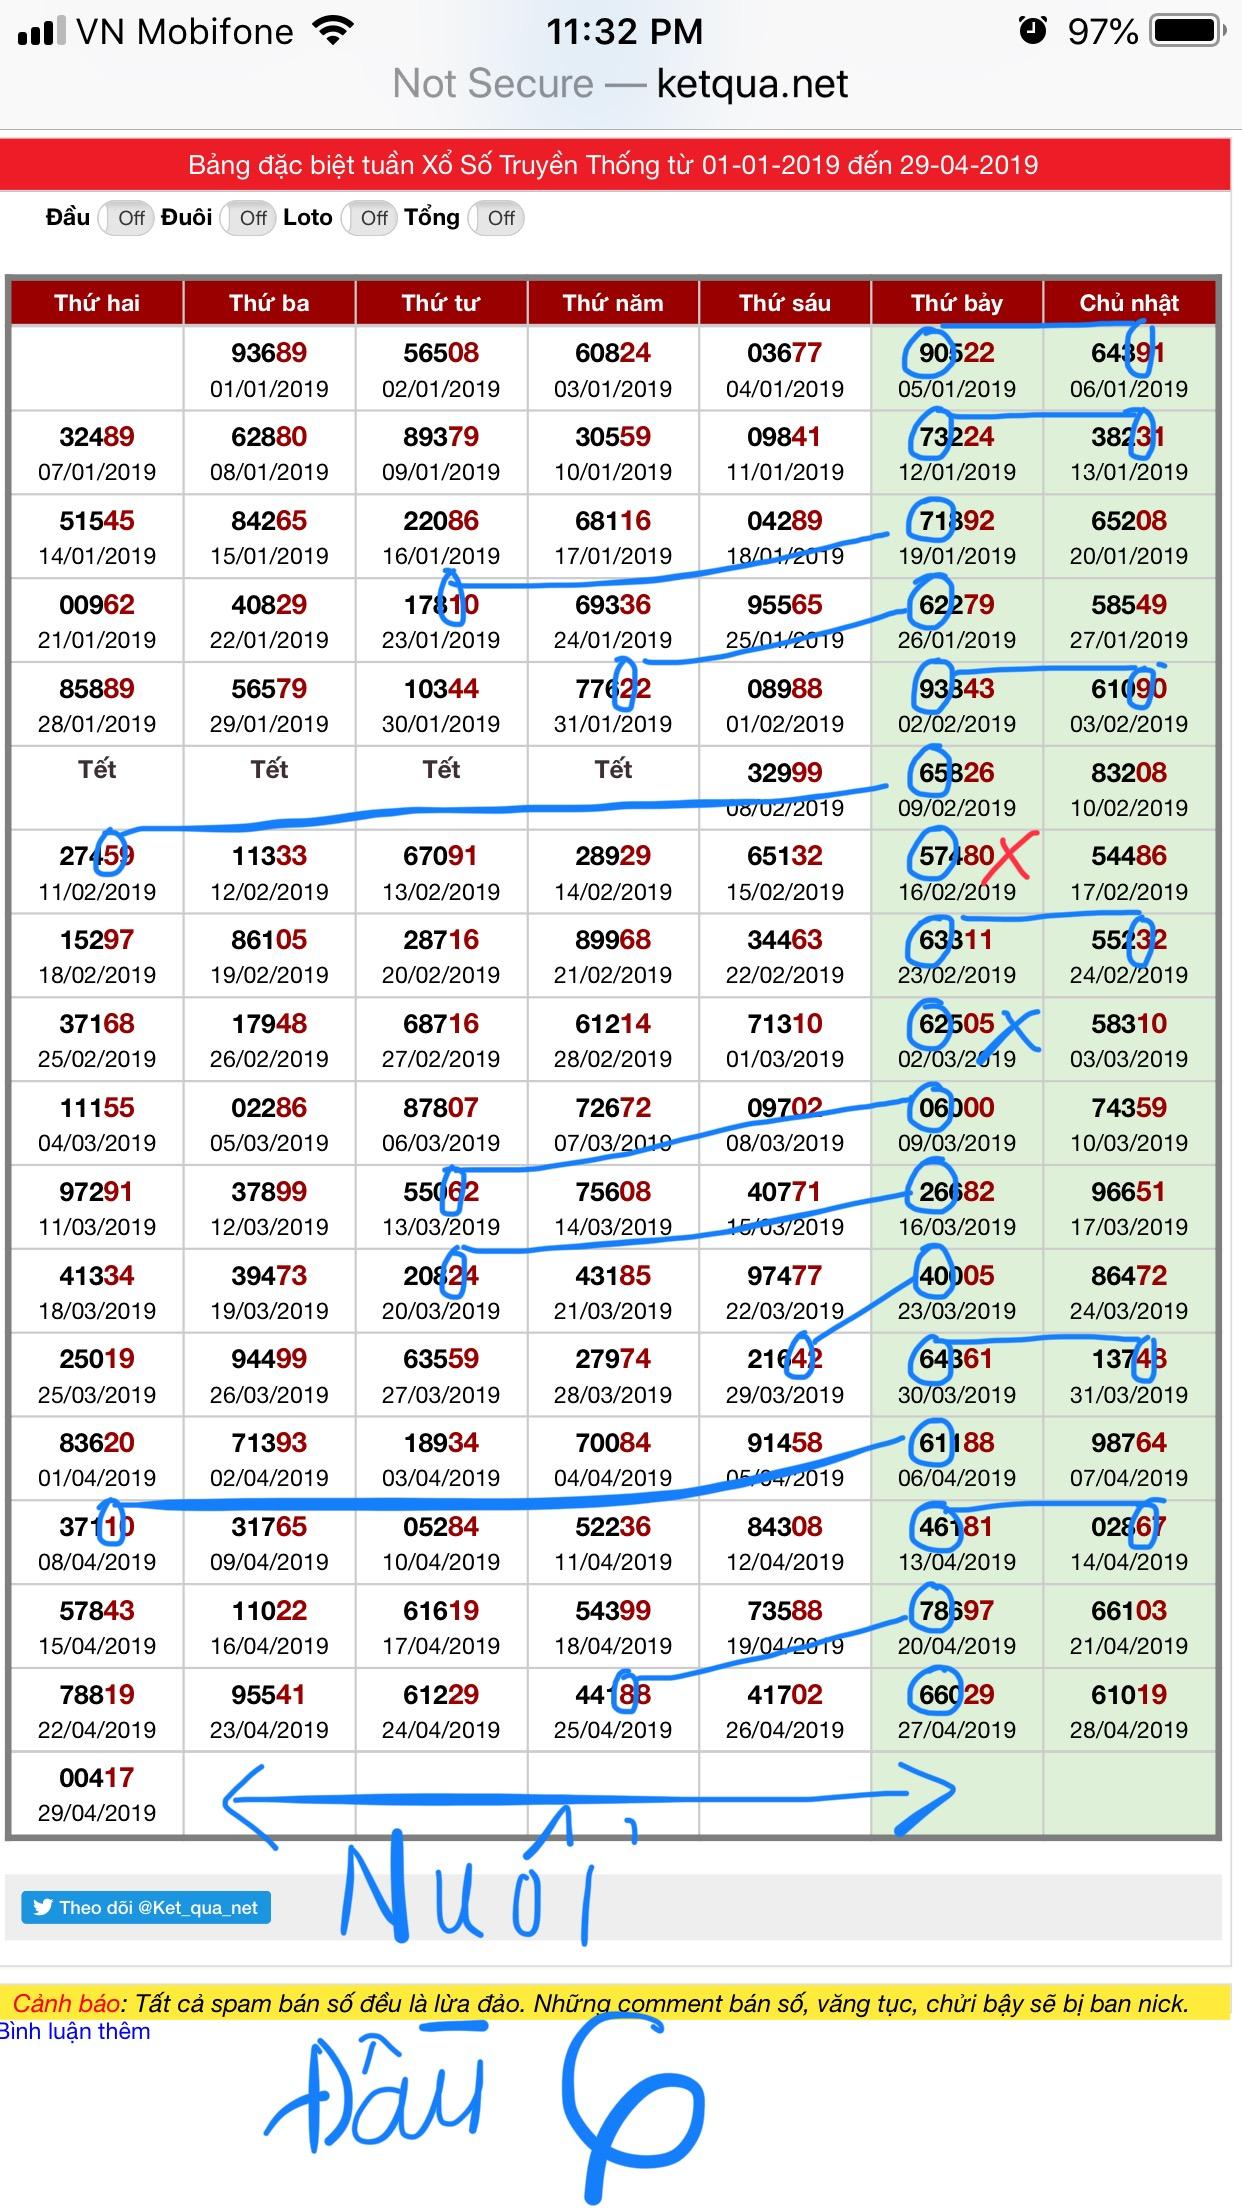 E9C884C7-6BBD-4530-9055-1C20ADE98297.jpeg